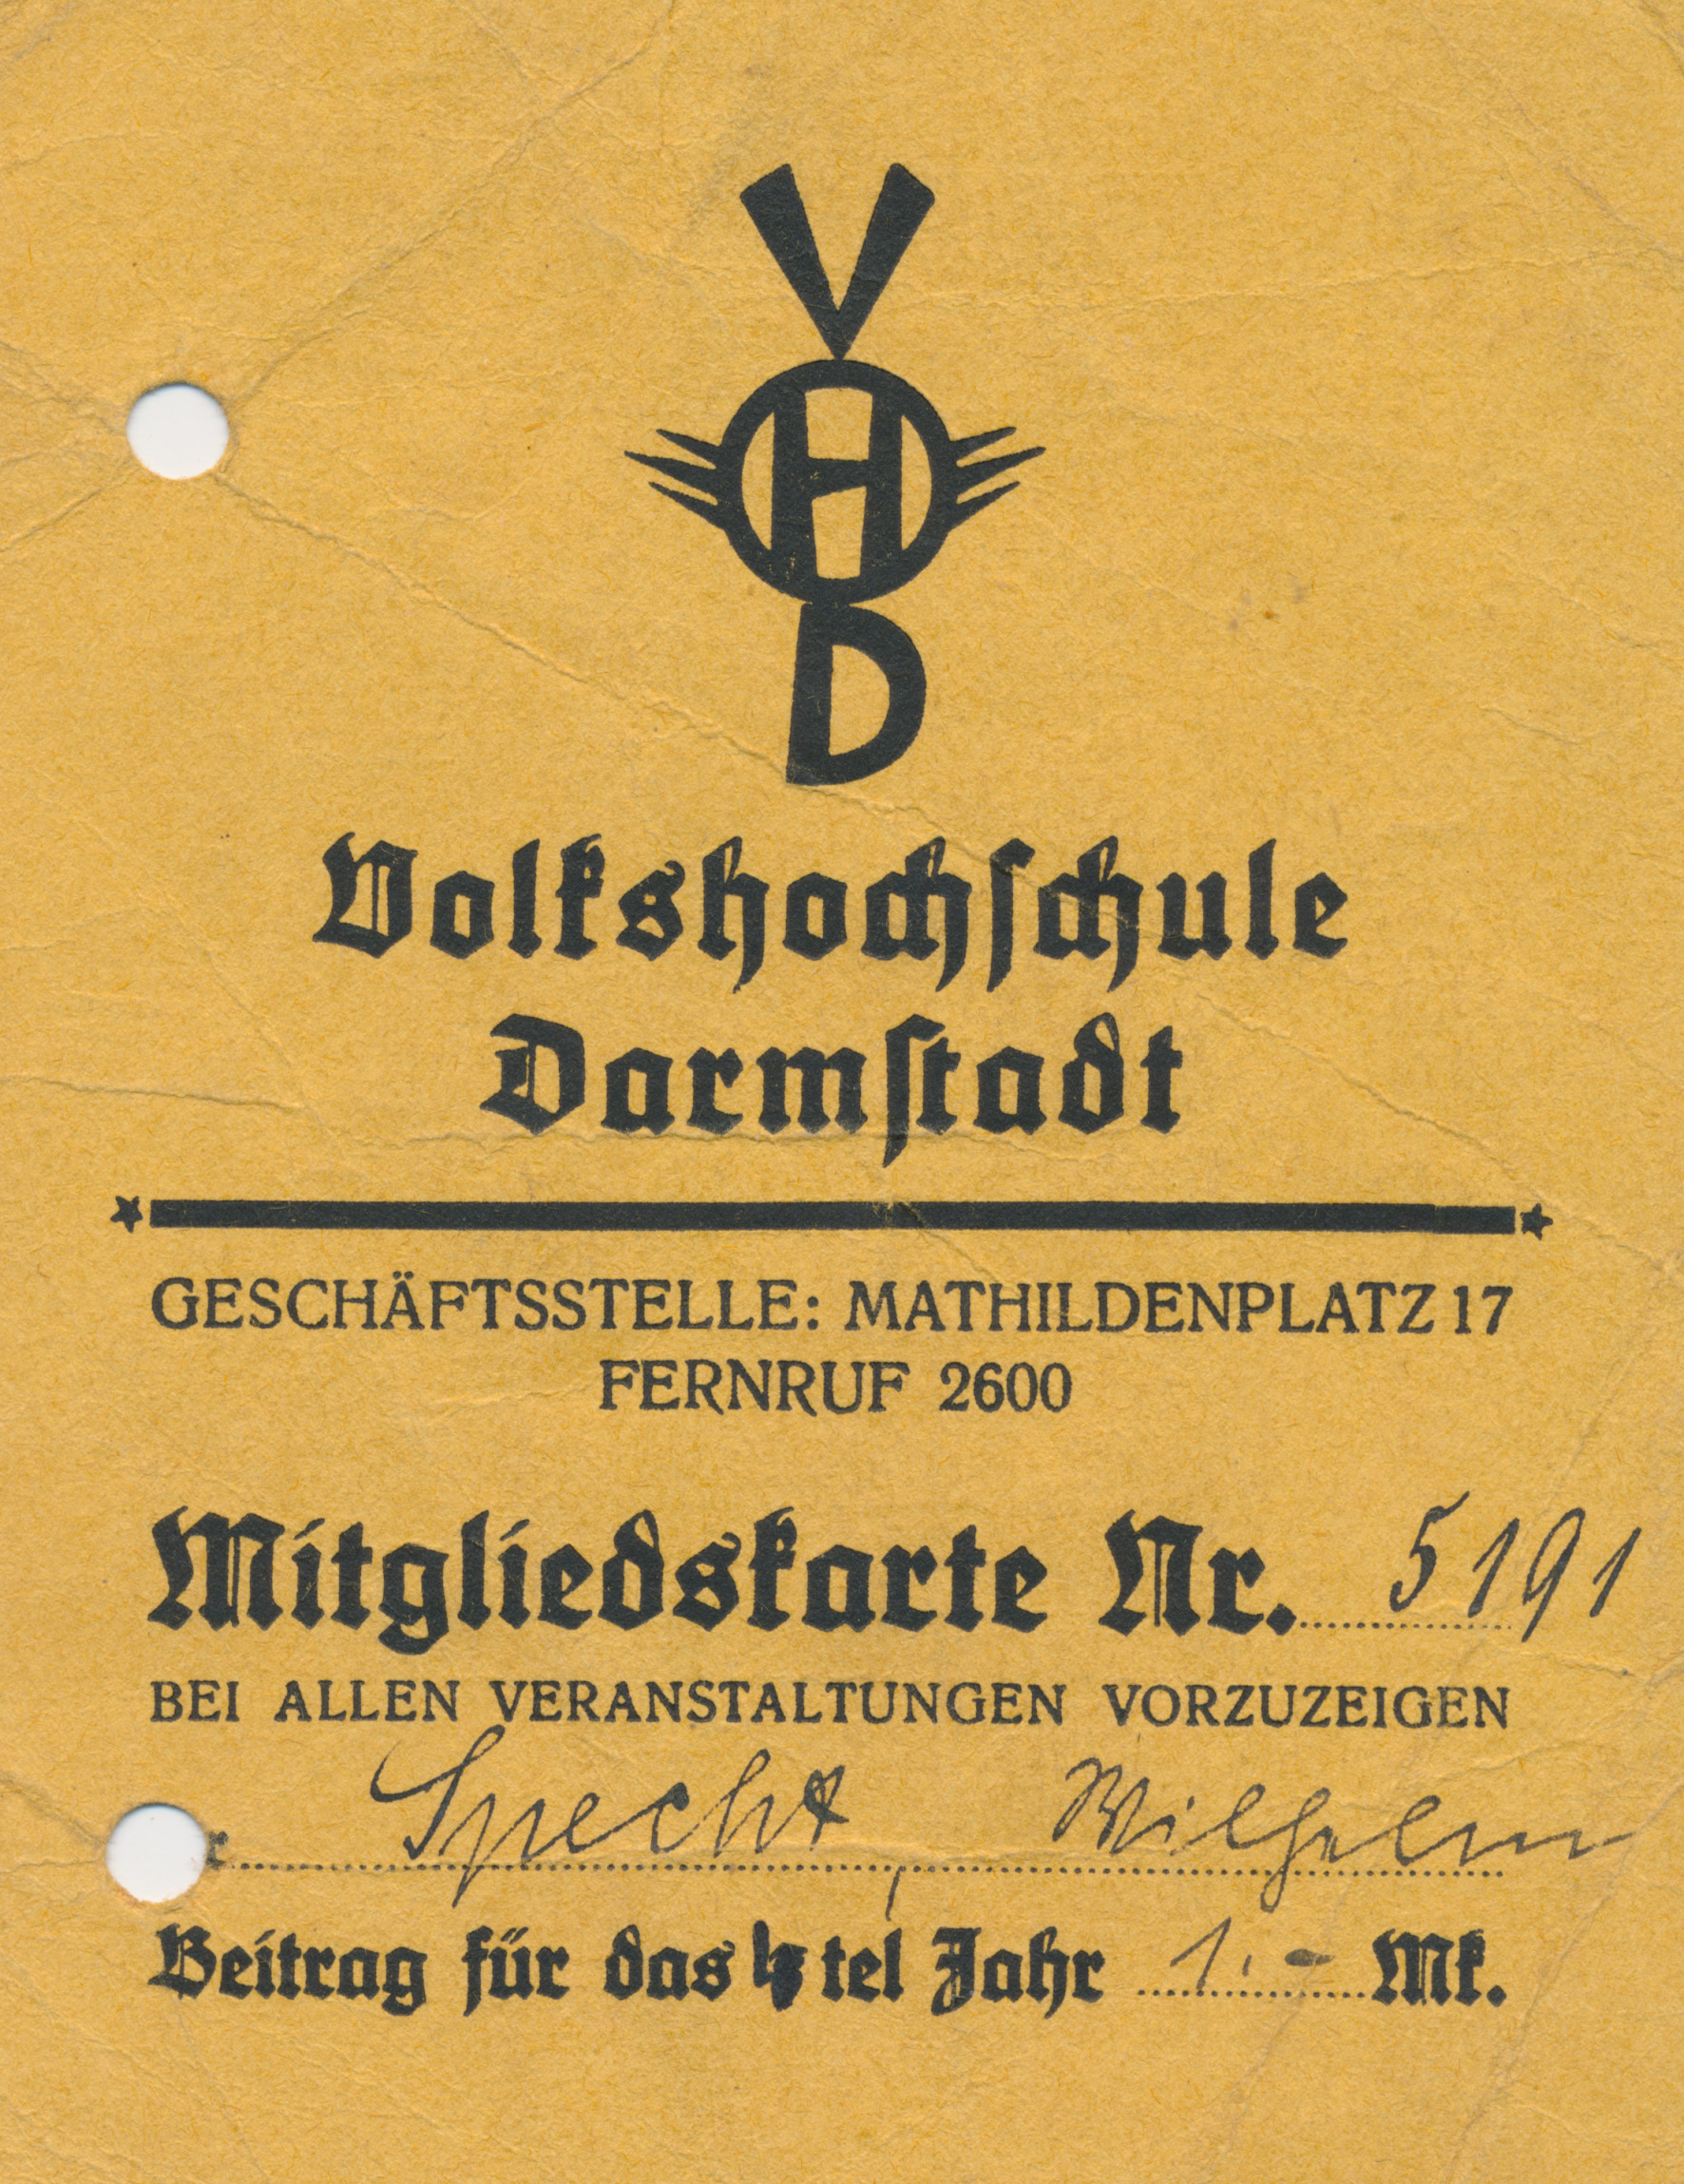 """Mitgliedskarte mit Logo der VHS und dem Hinweis, dass diese bei allen Veranstaltungen vorzuzeigen sei. Der Beitrag für """"das 4tel Jahr"""" beträgt laut Karte 1 Mark."""